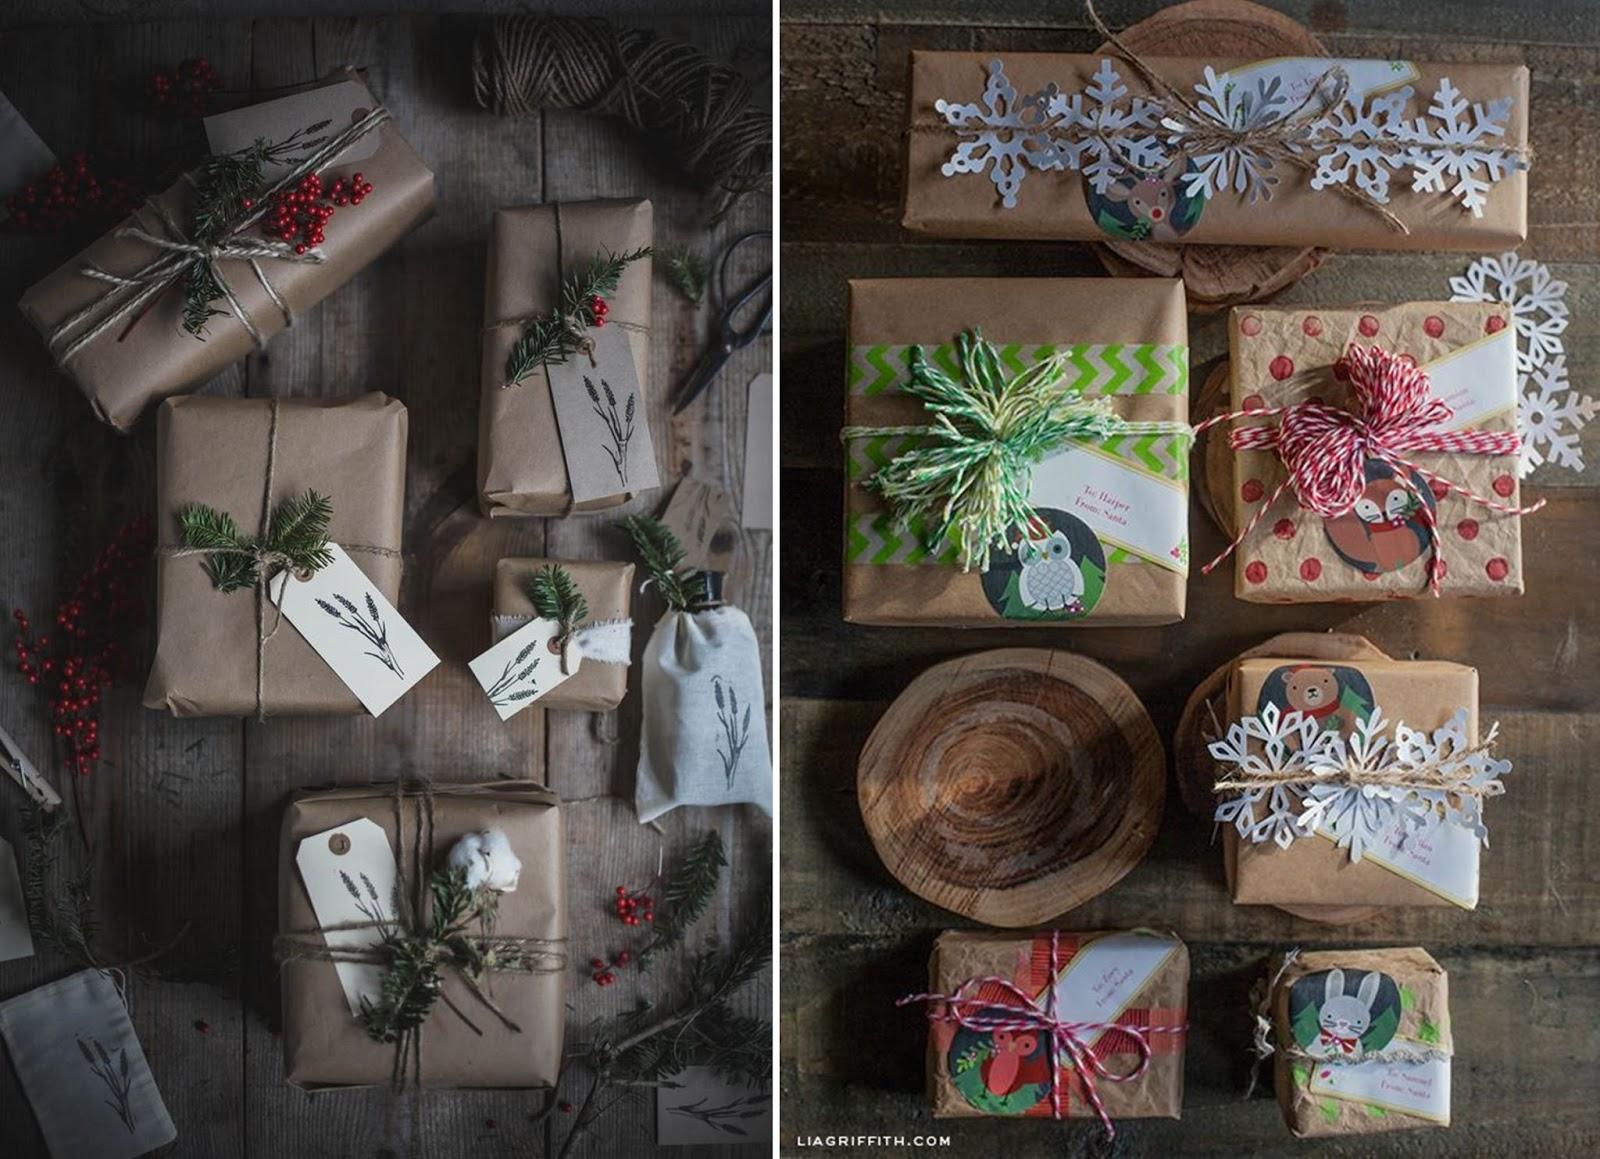 pomysly na pakowanie prezentow jak zapakowac prezent gwiazdka swieta boze narodzenie gifts christmas